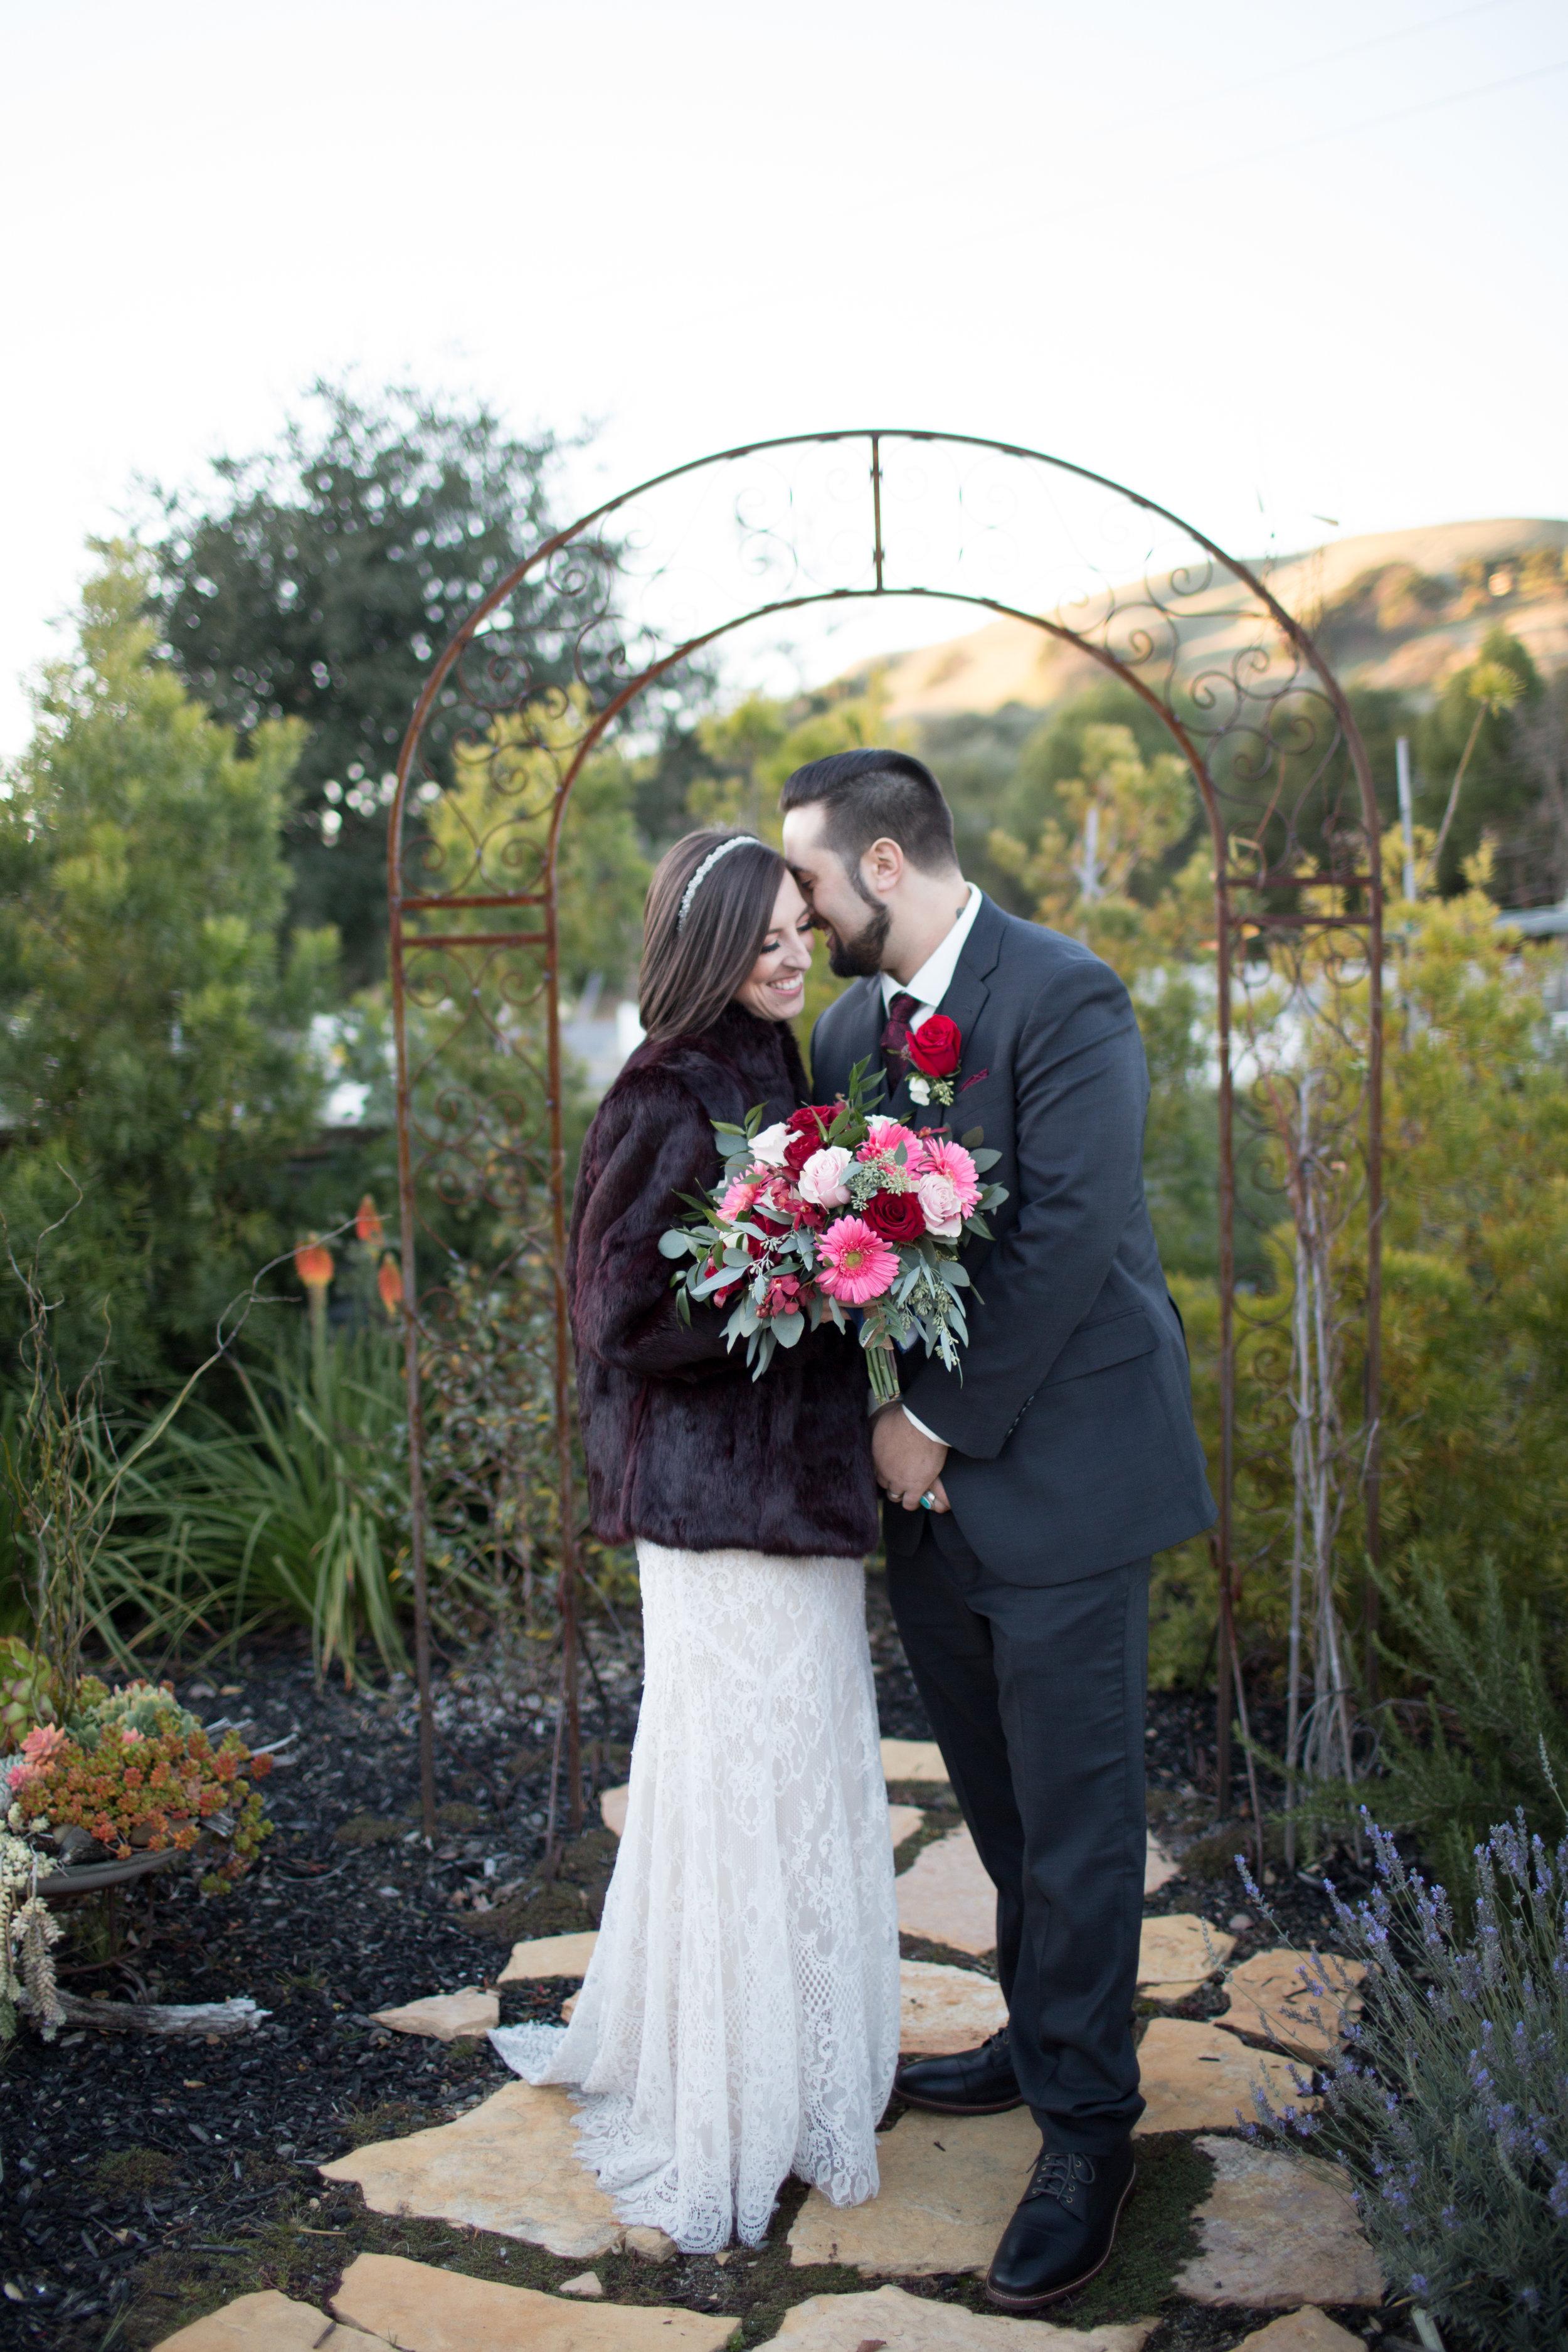 Renee&Jake_WeddingPreviews-010.jpg